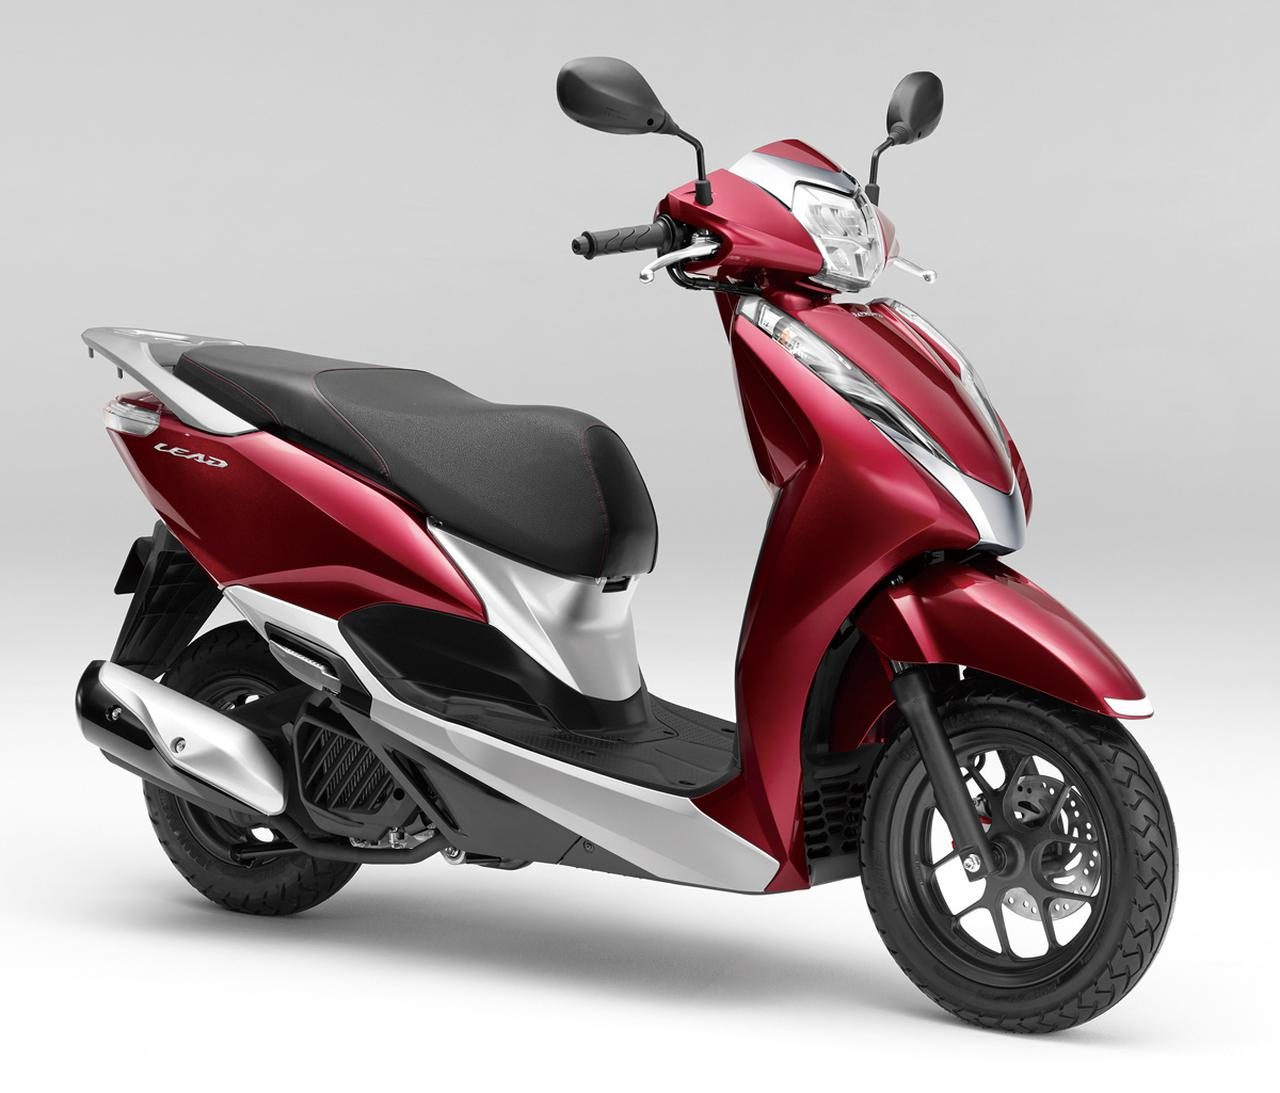 ホンダ「リード125」【1分で読める 2021年に新車で購入可能なバイク紹介】